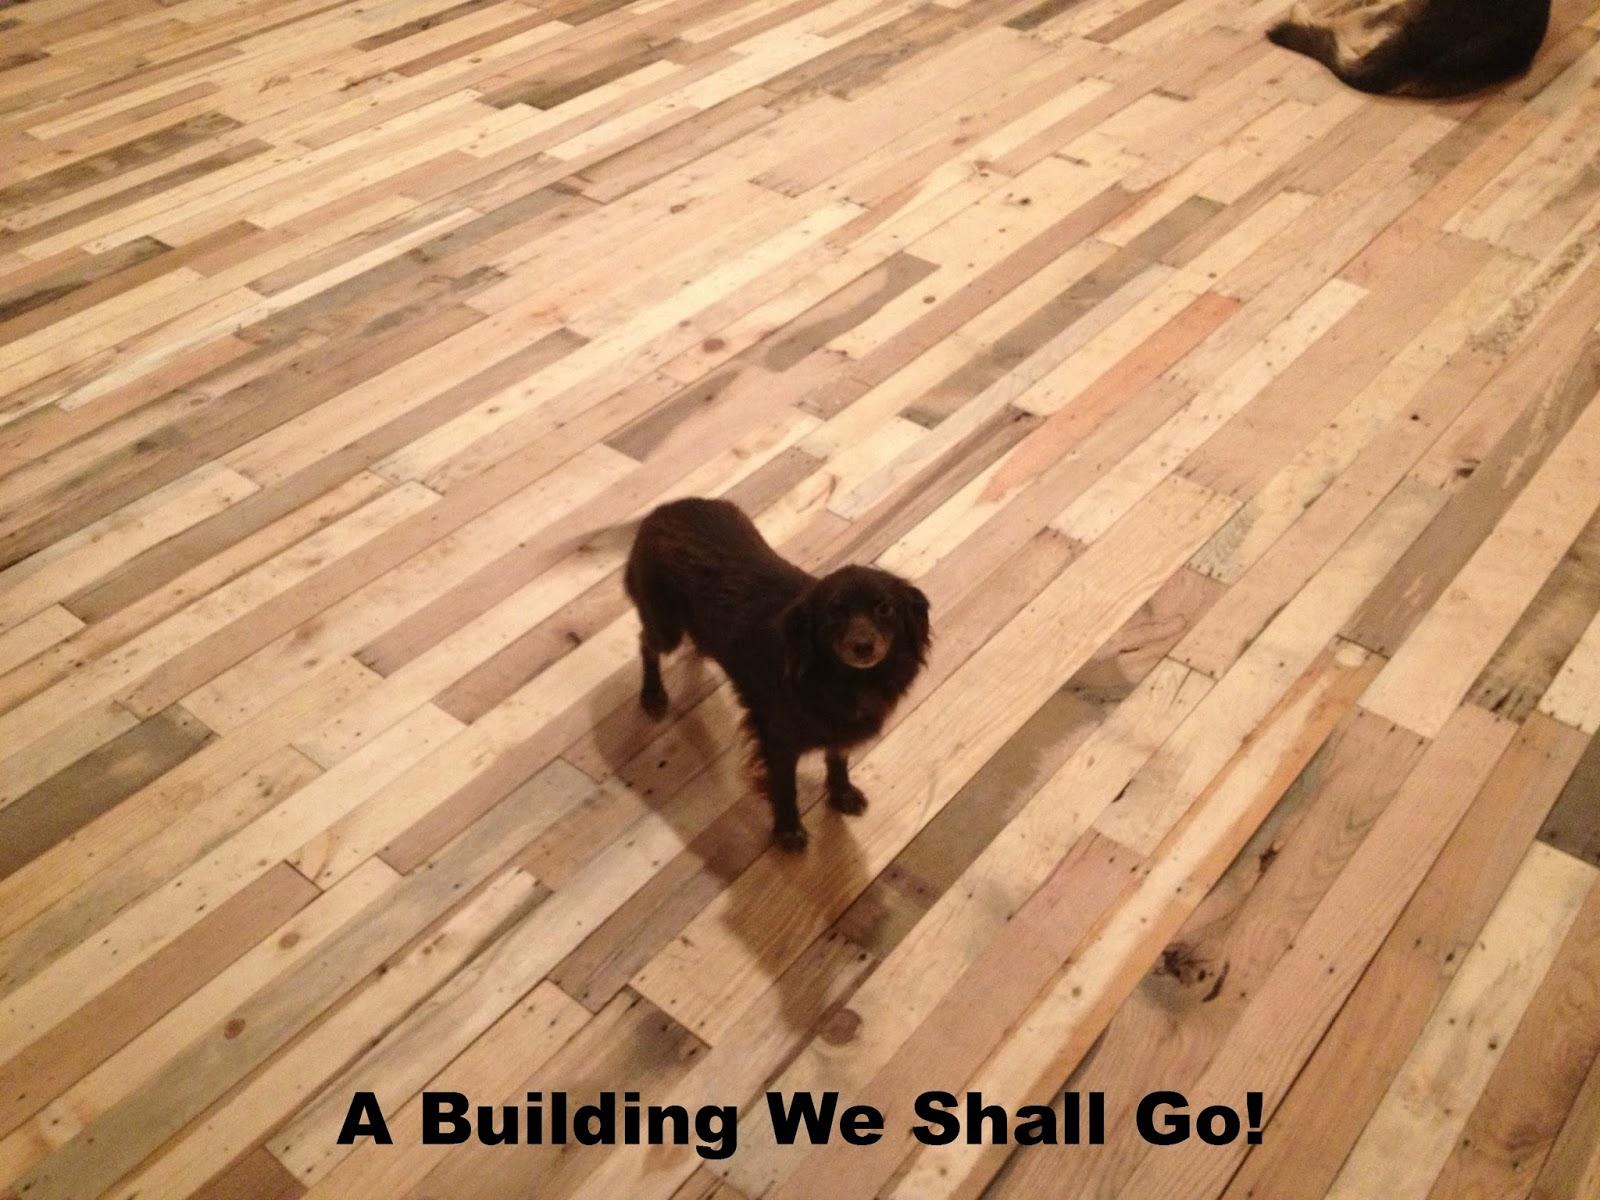 A Building We Shall Go!